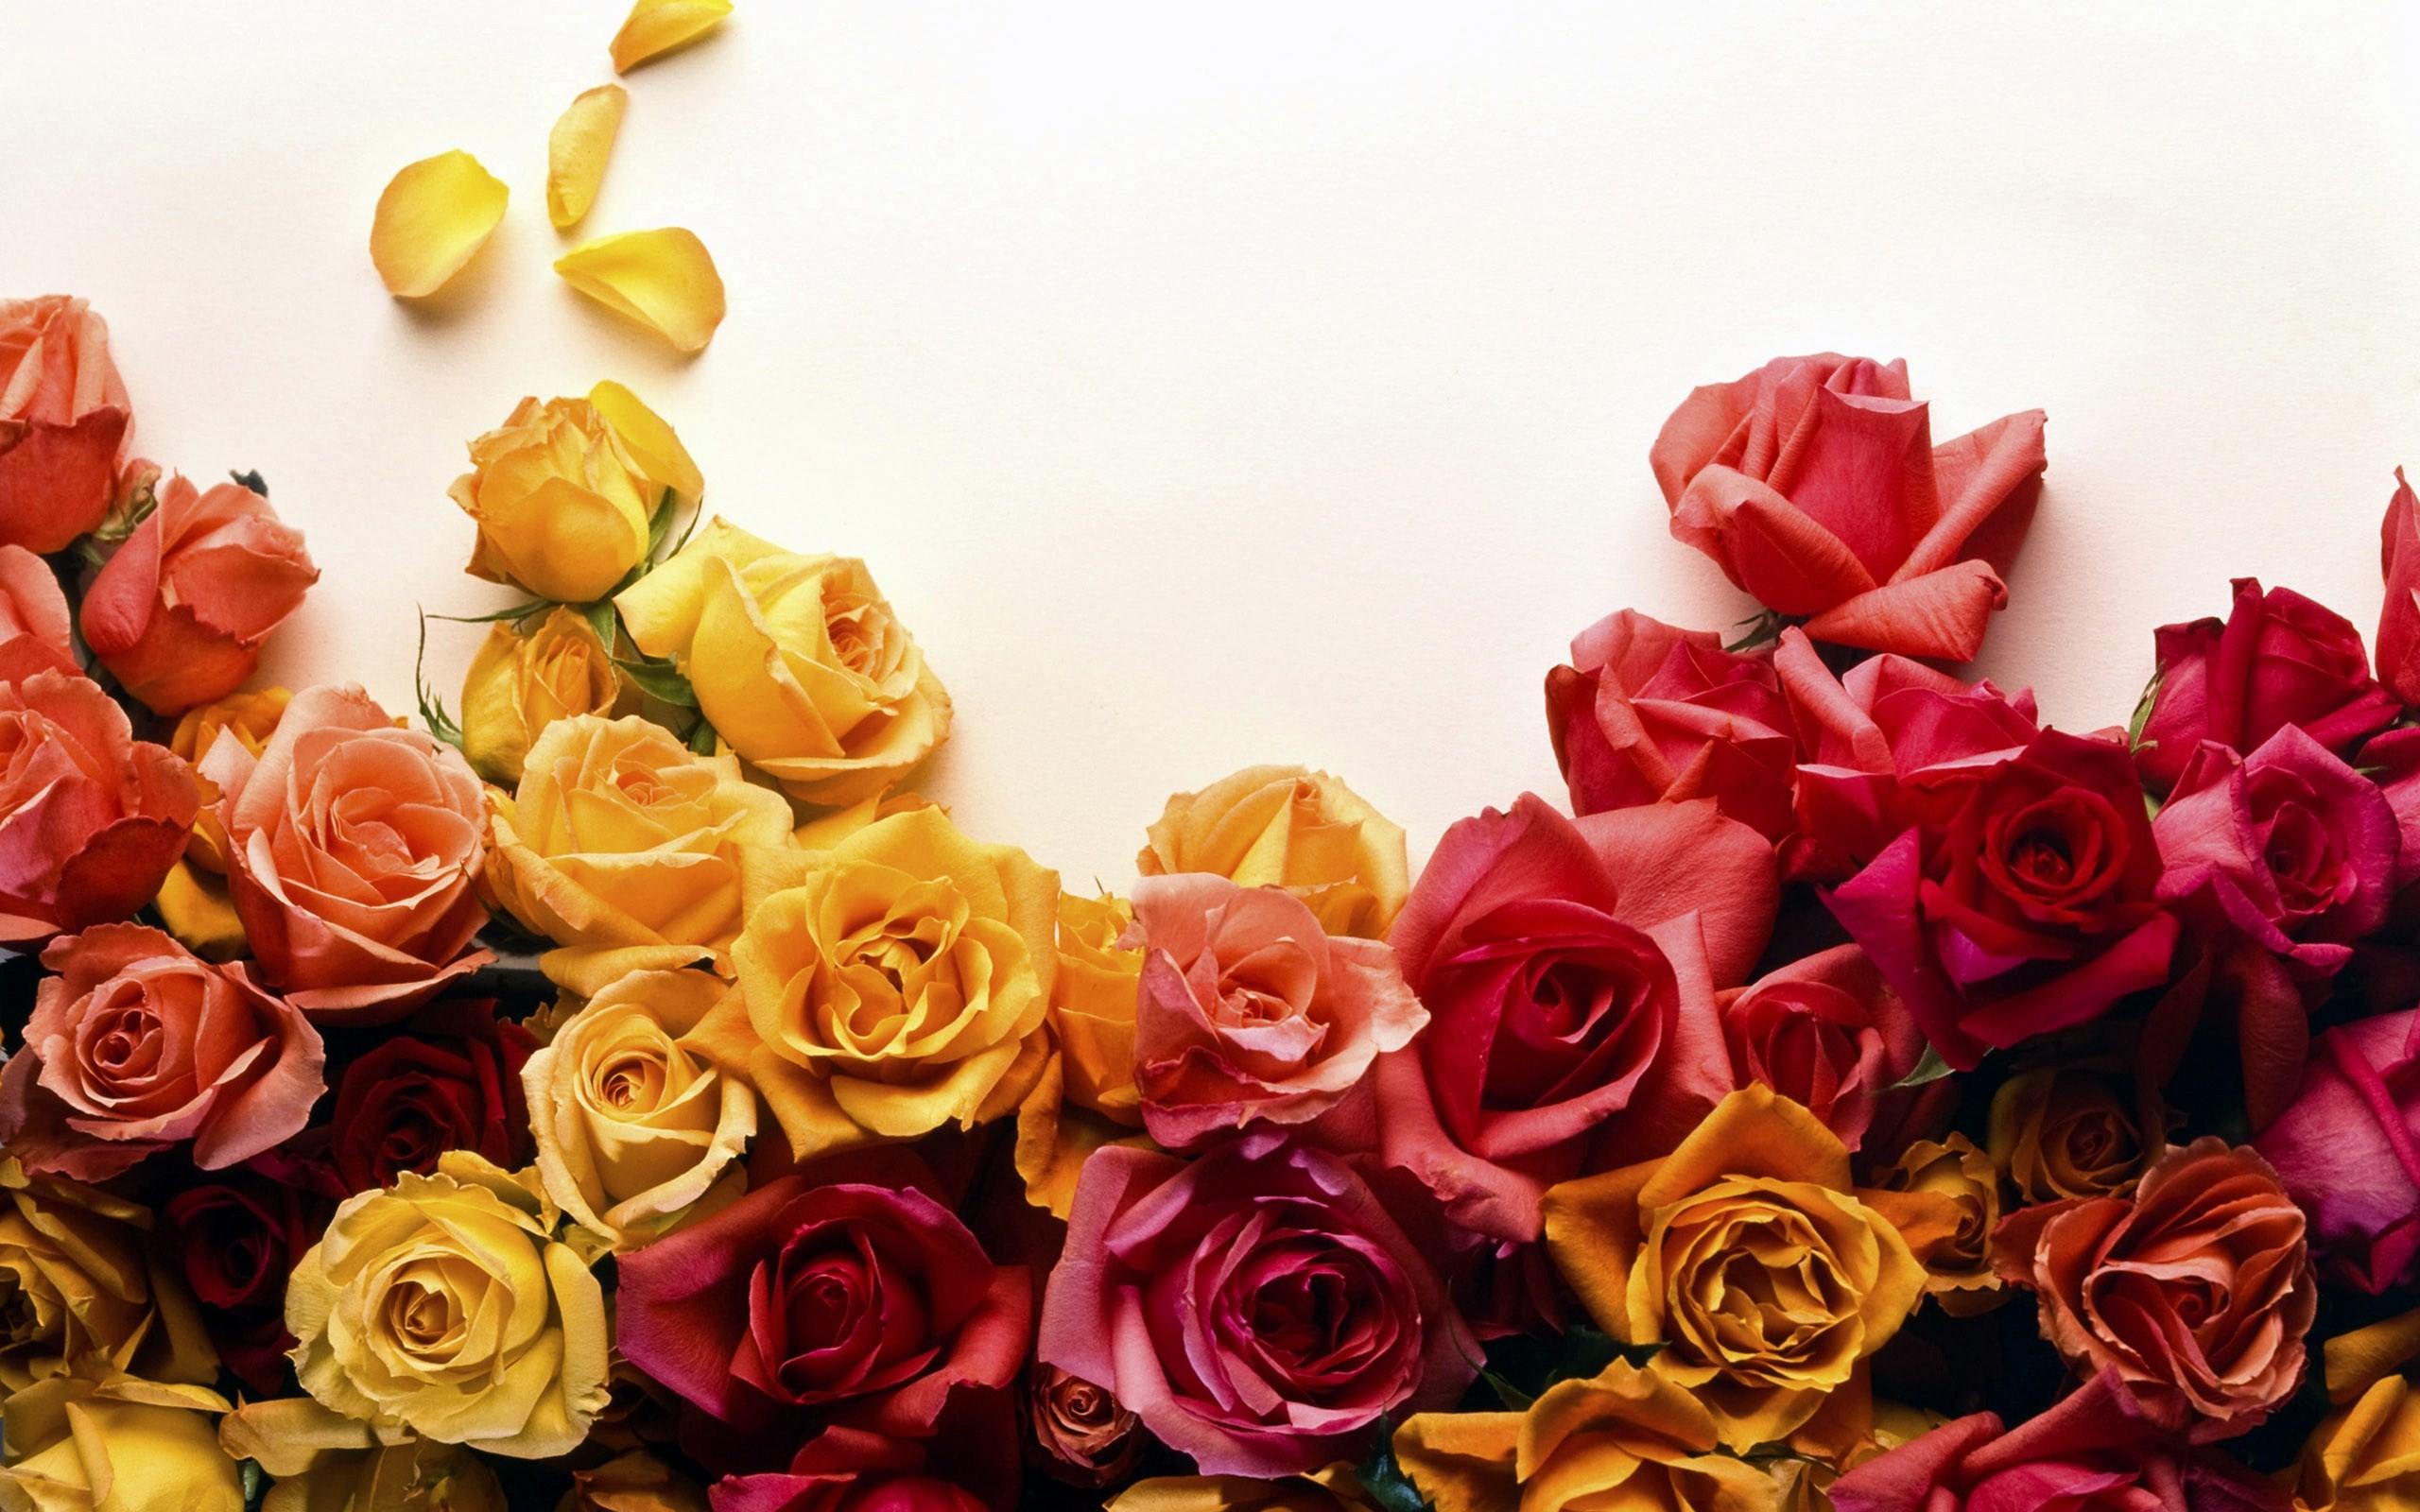 rosewallpaper